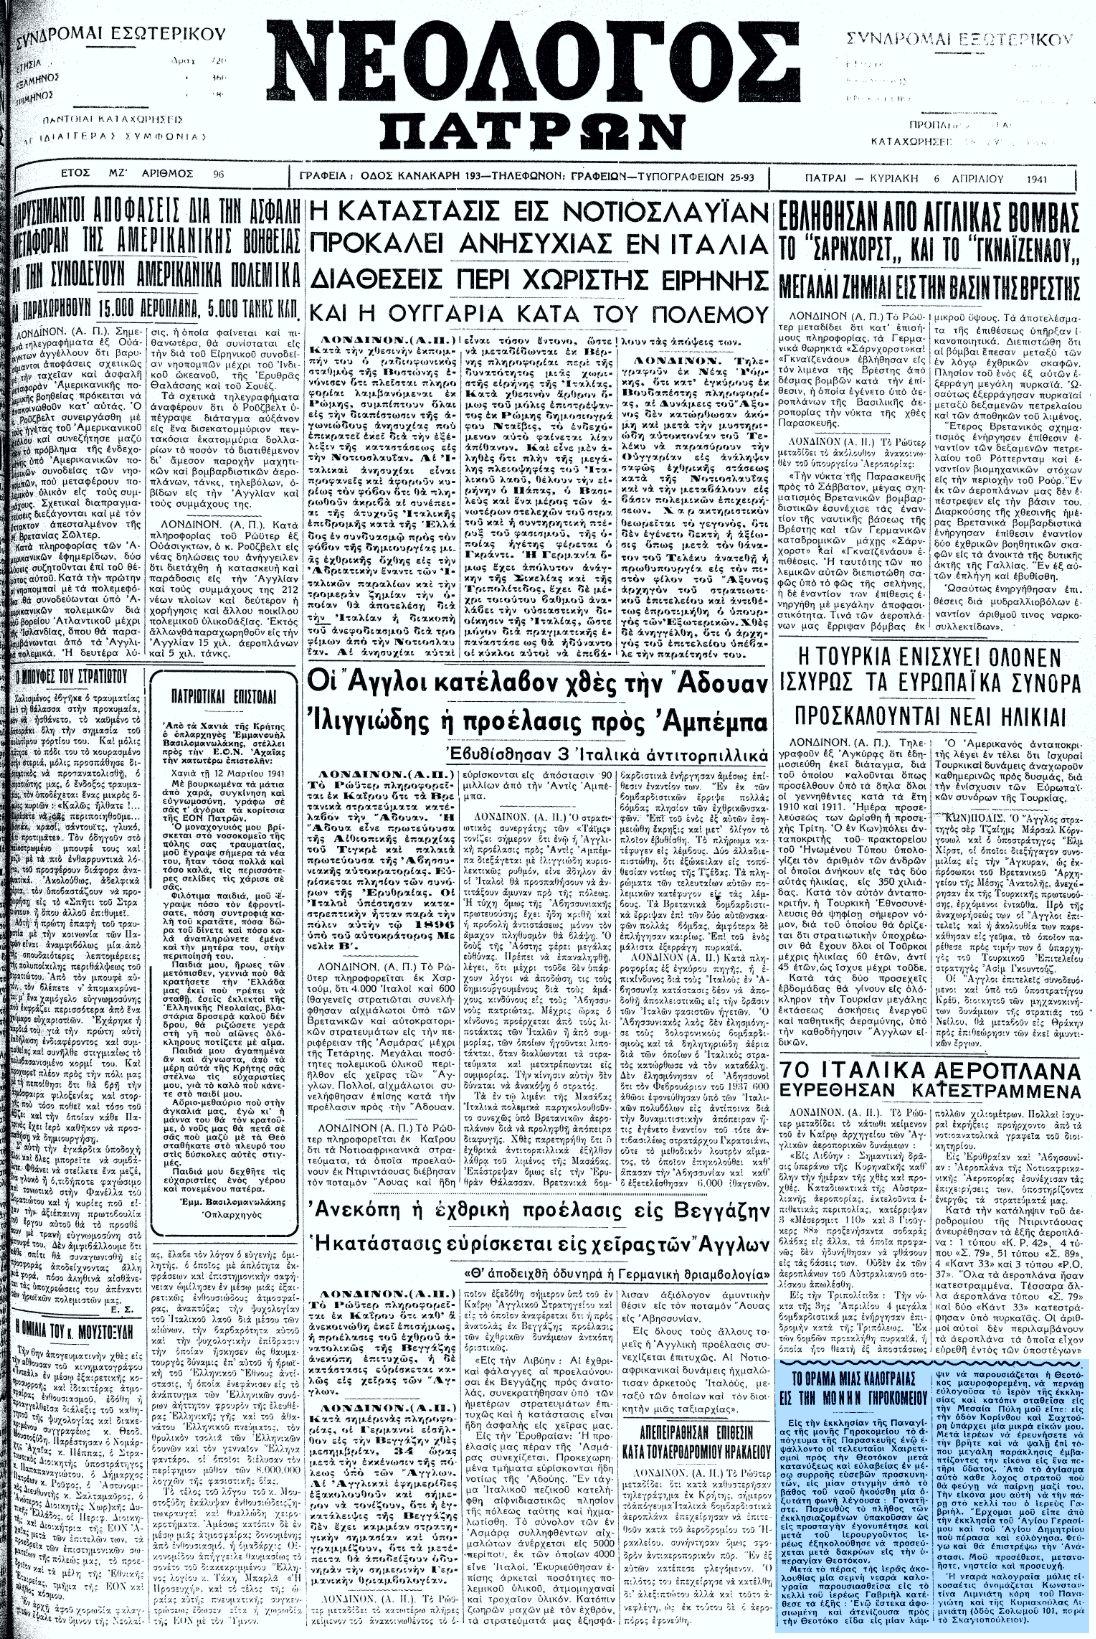 """Το άρθρο, όπως δημοσιεύθηκε στην εφημερίδα """"ΝΕΟΛΟΓΟΣ ΠΑΤΡΩΝ"""", στις 06/04/1941"""